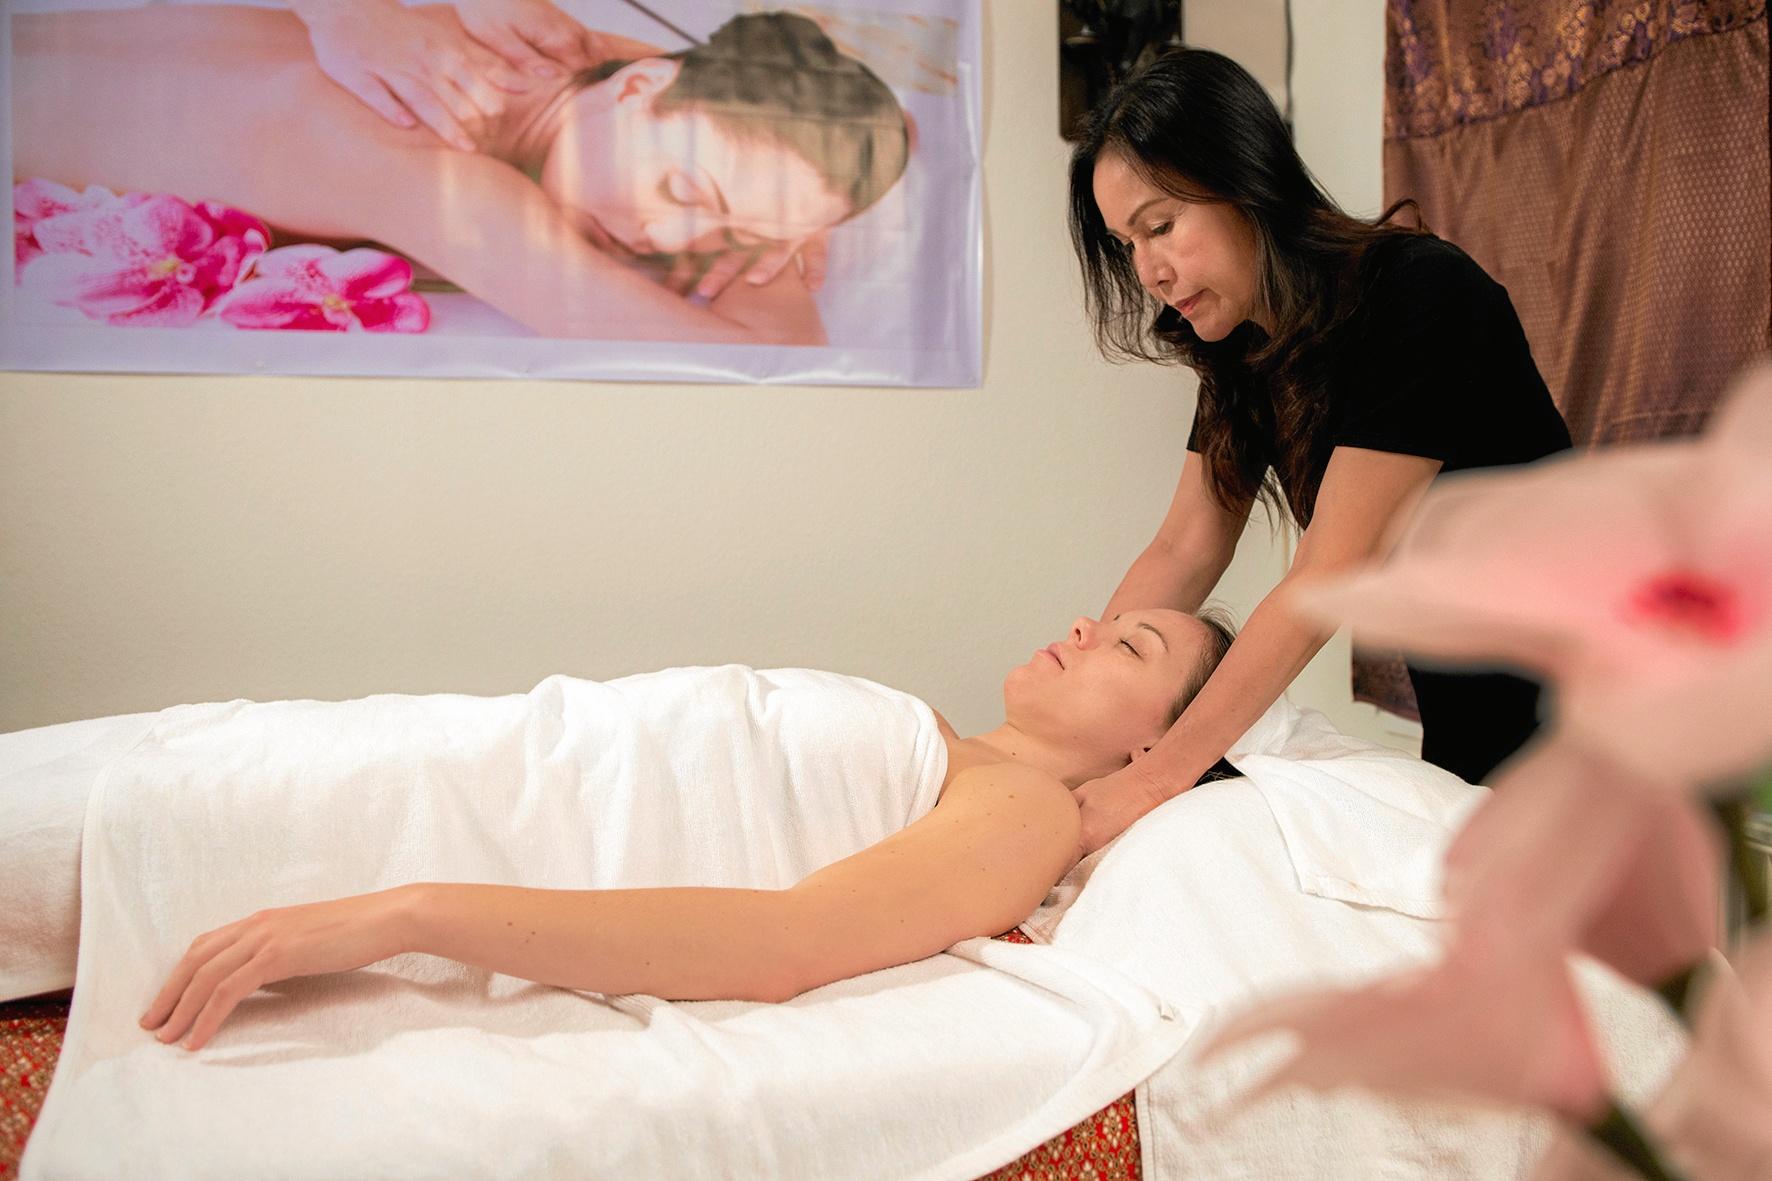 massage holstebro blærebetændelse og samleje